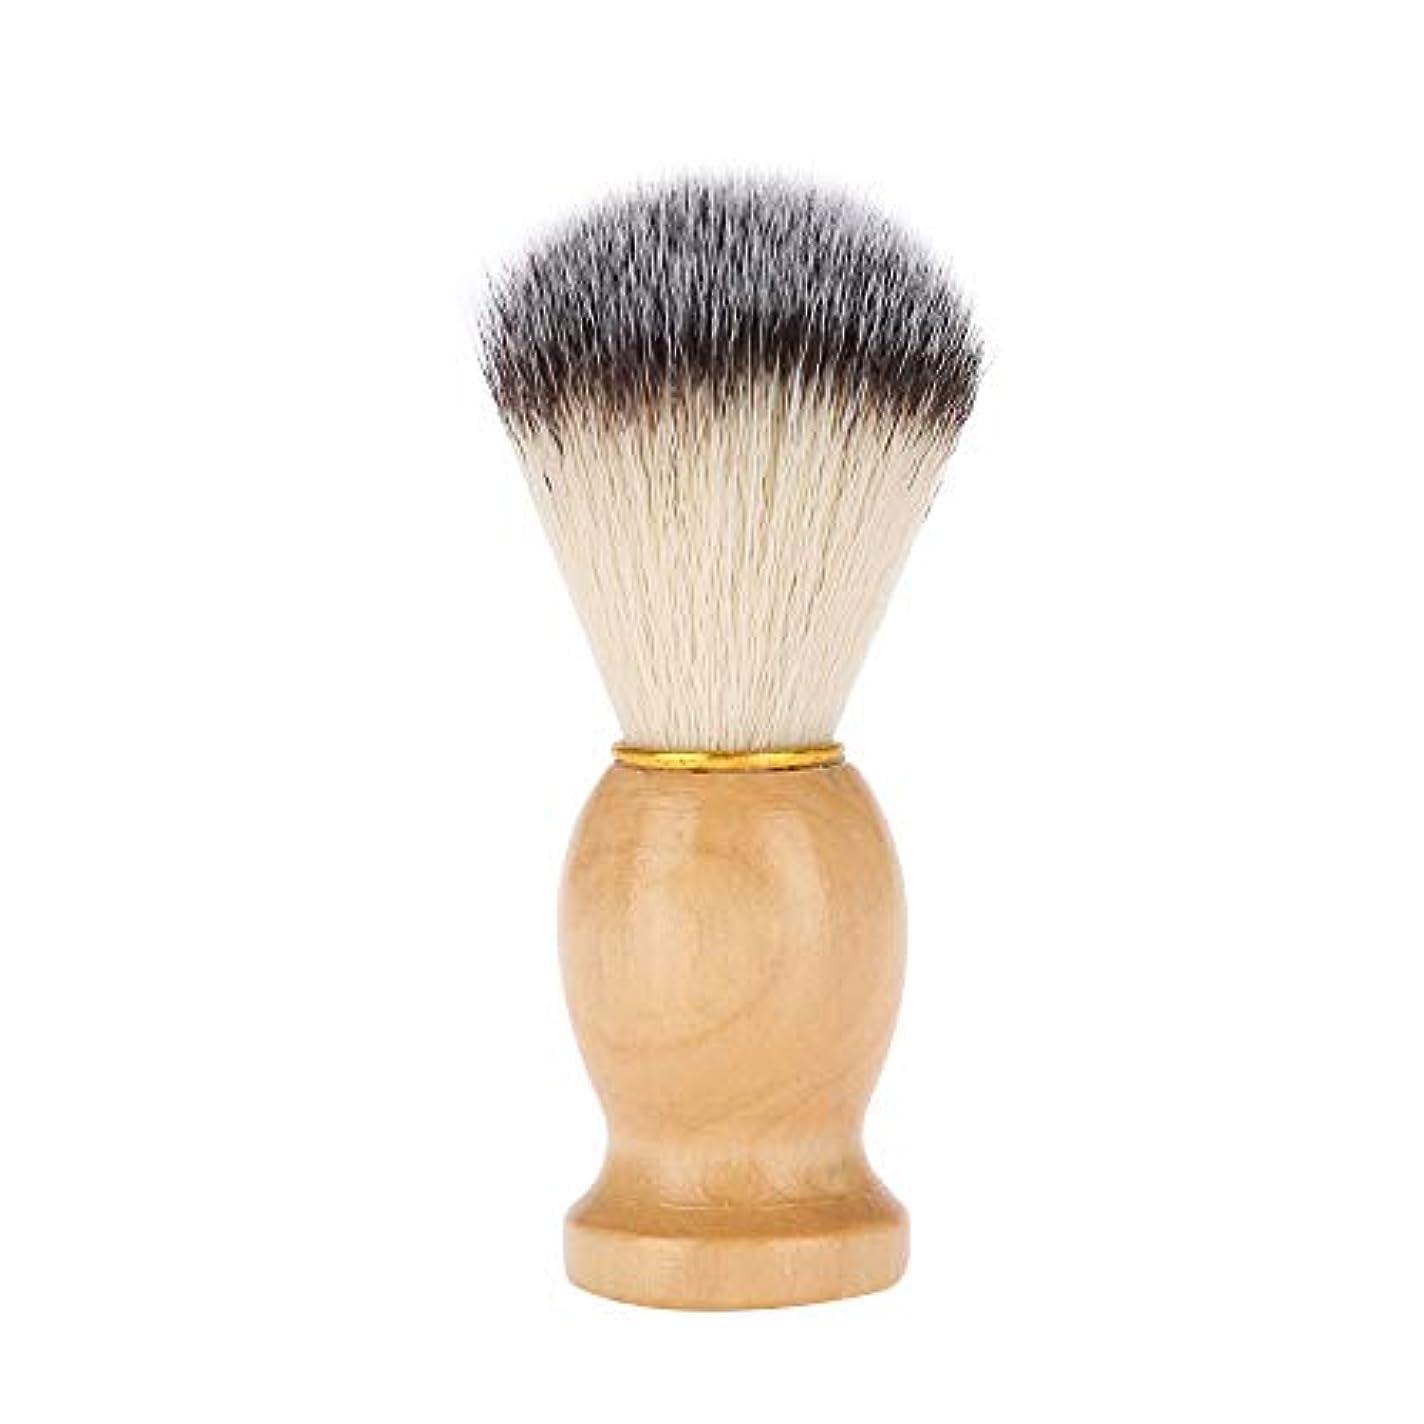 満員課税社会学シェービングブラシ 髭剃りブラシ 木製ハンドル+繊維毛 泡立て ひげ剃りツール メンズ理容ブラシ